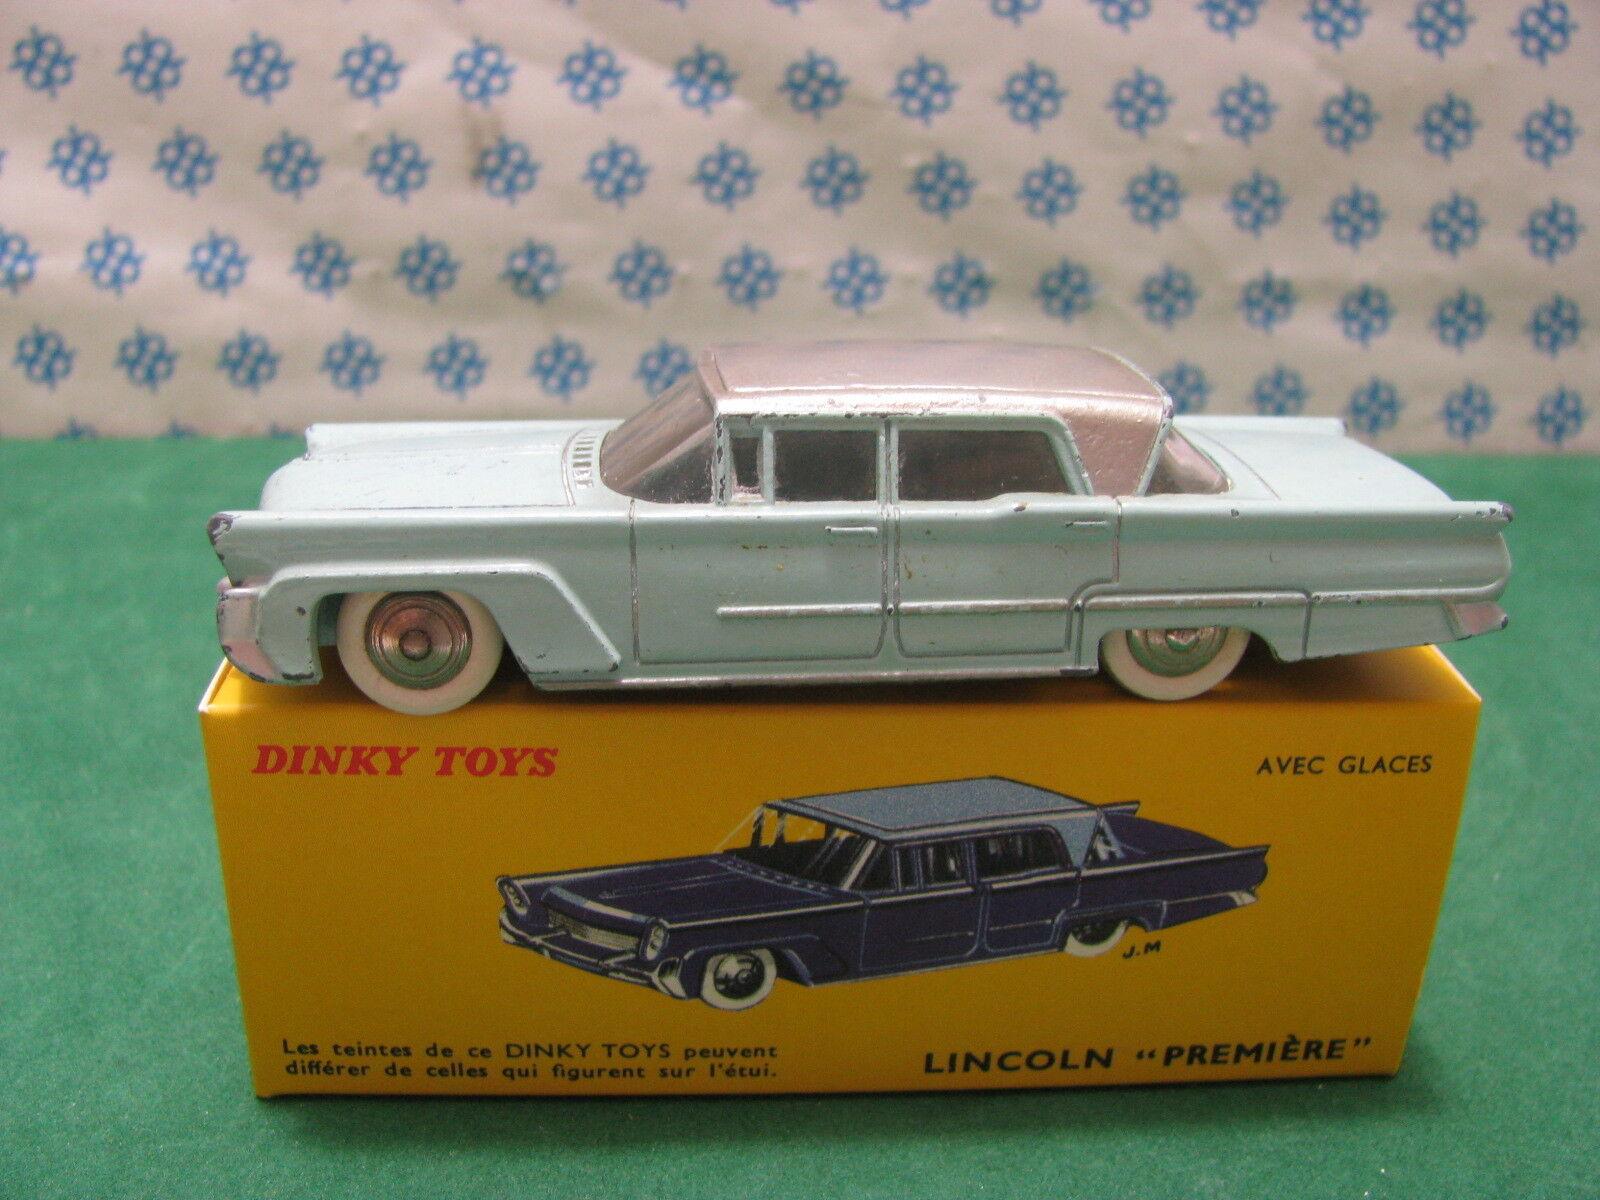 Vintage Vintage Vintage  LINCOLN  PREMIERE         Dinky toys  532   2019  6bee9b